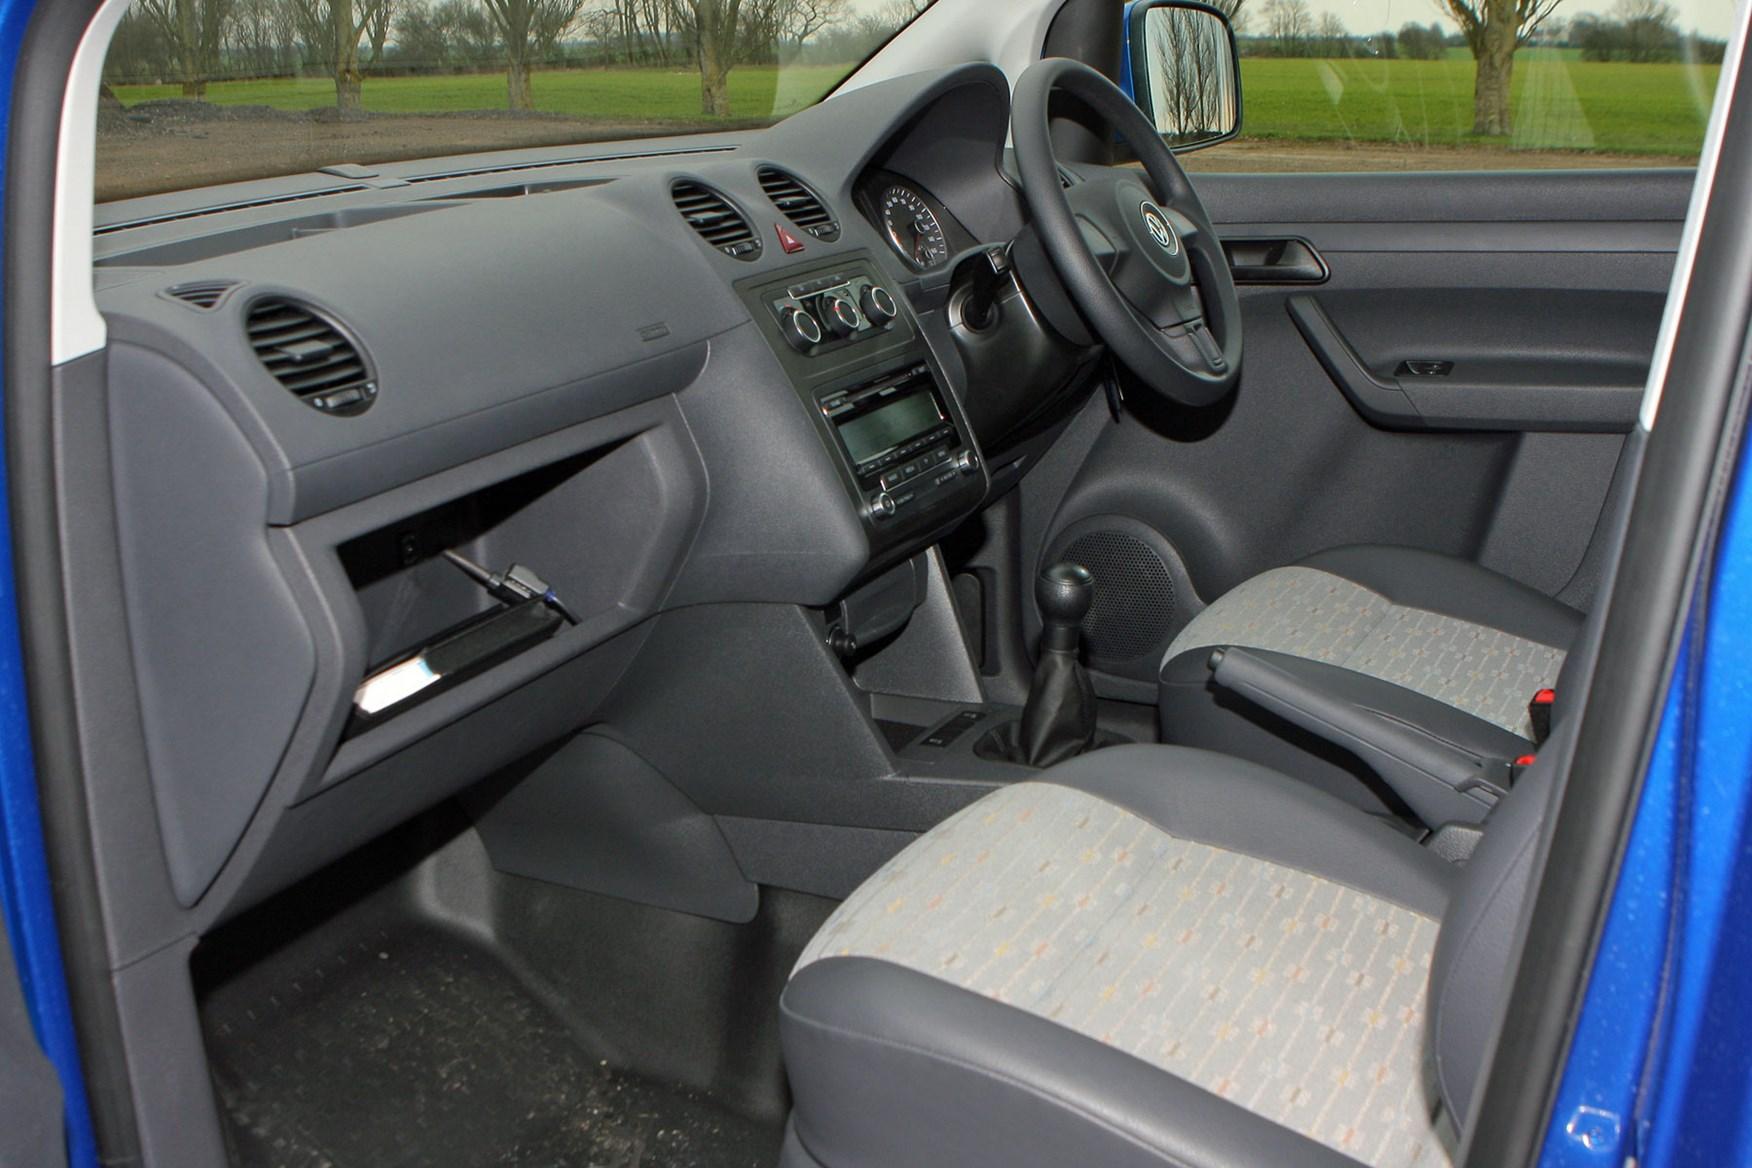 VW Caddy (2010-2015) cab interior